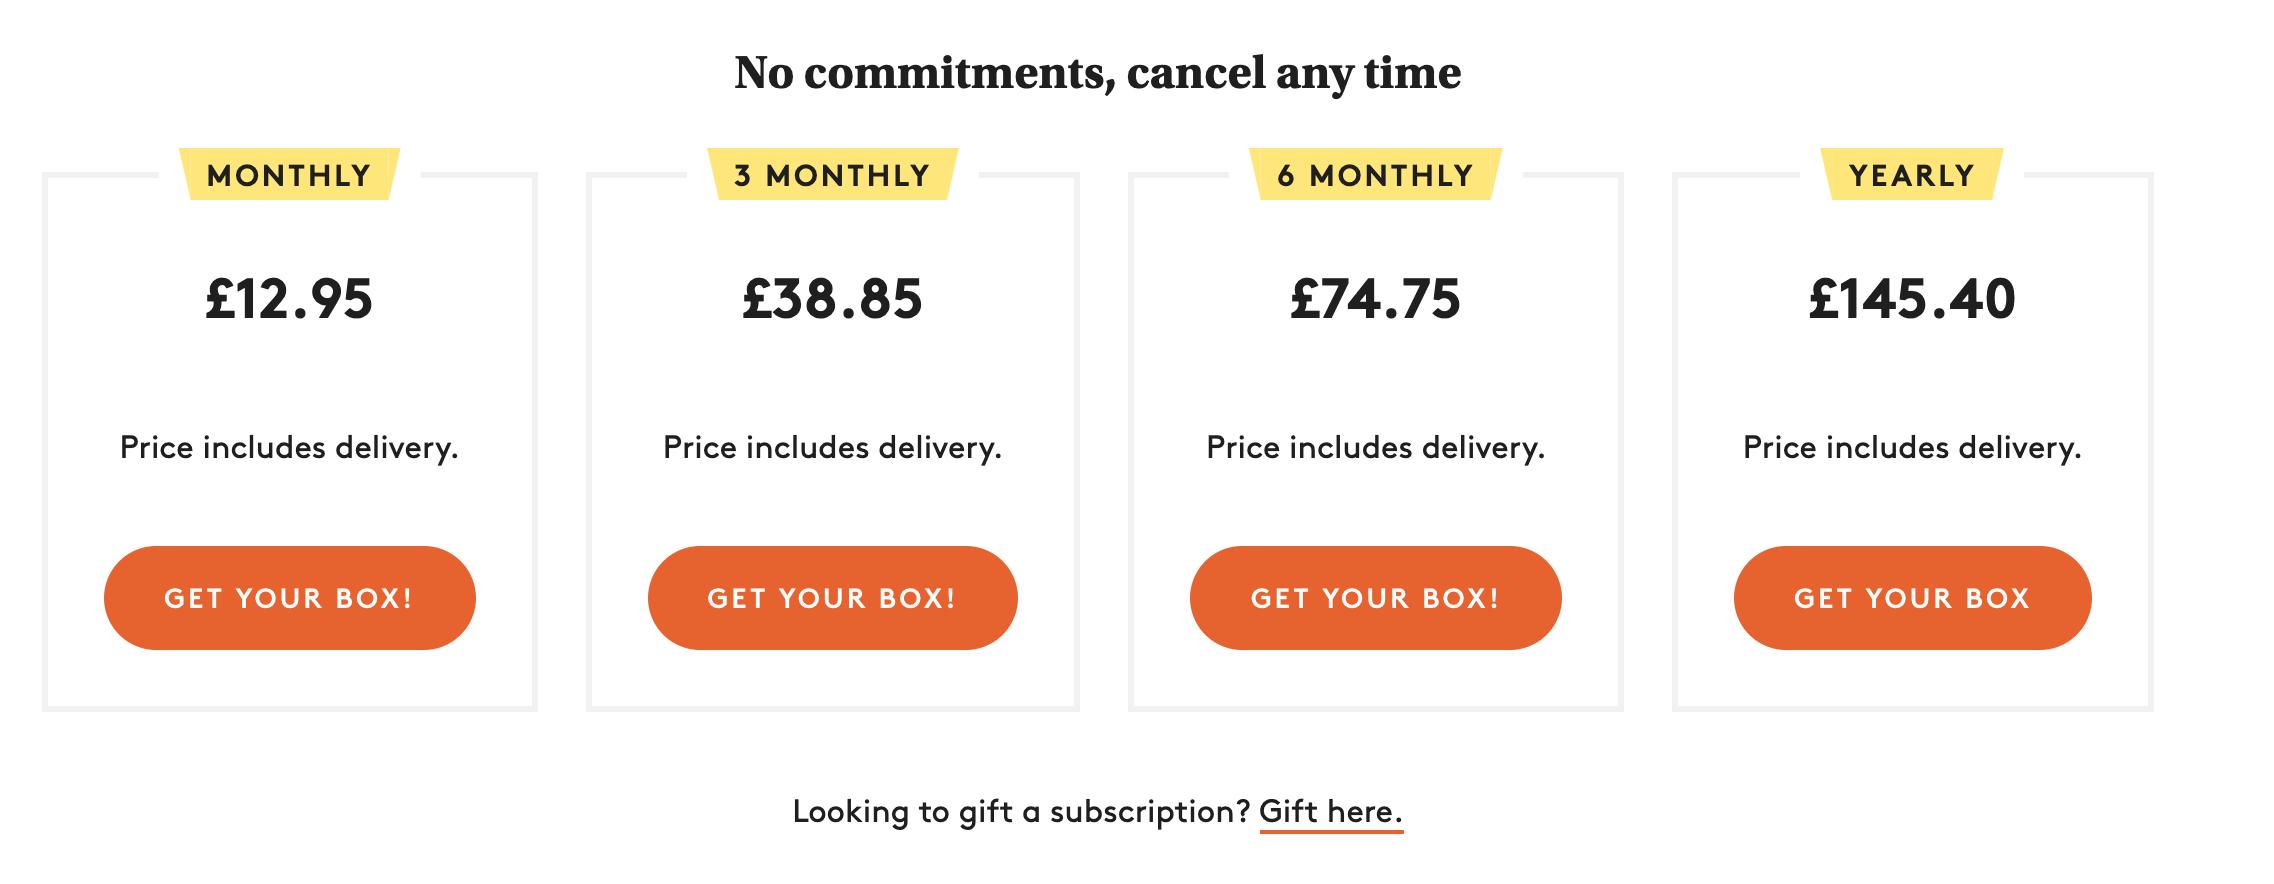 Birchbox's Add To Cart Buttons